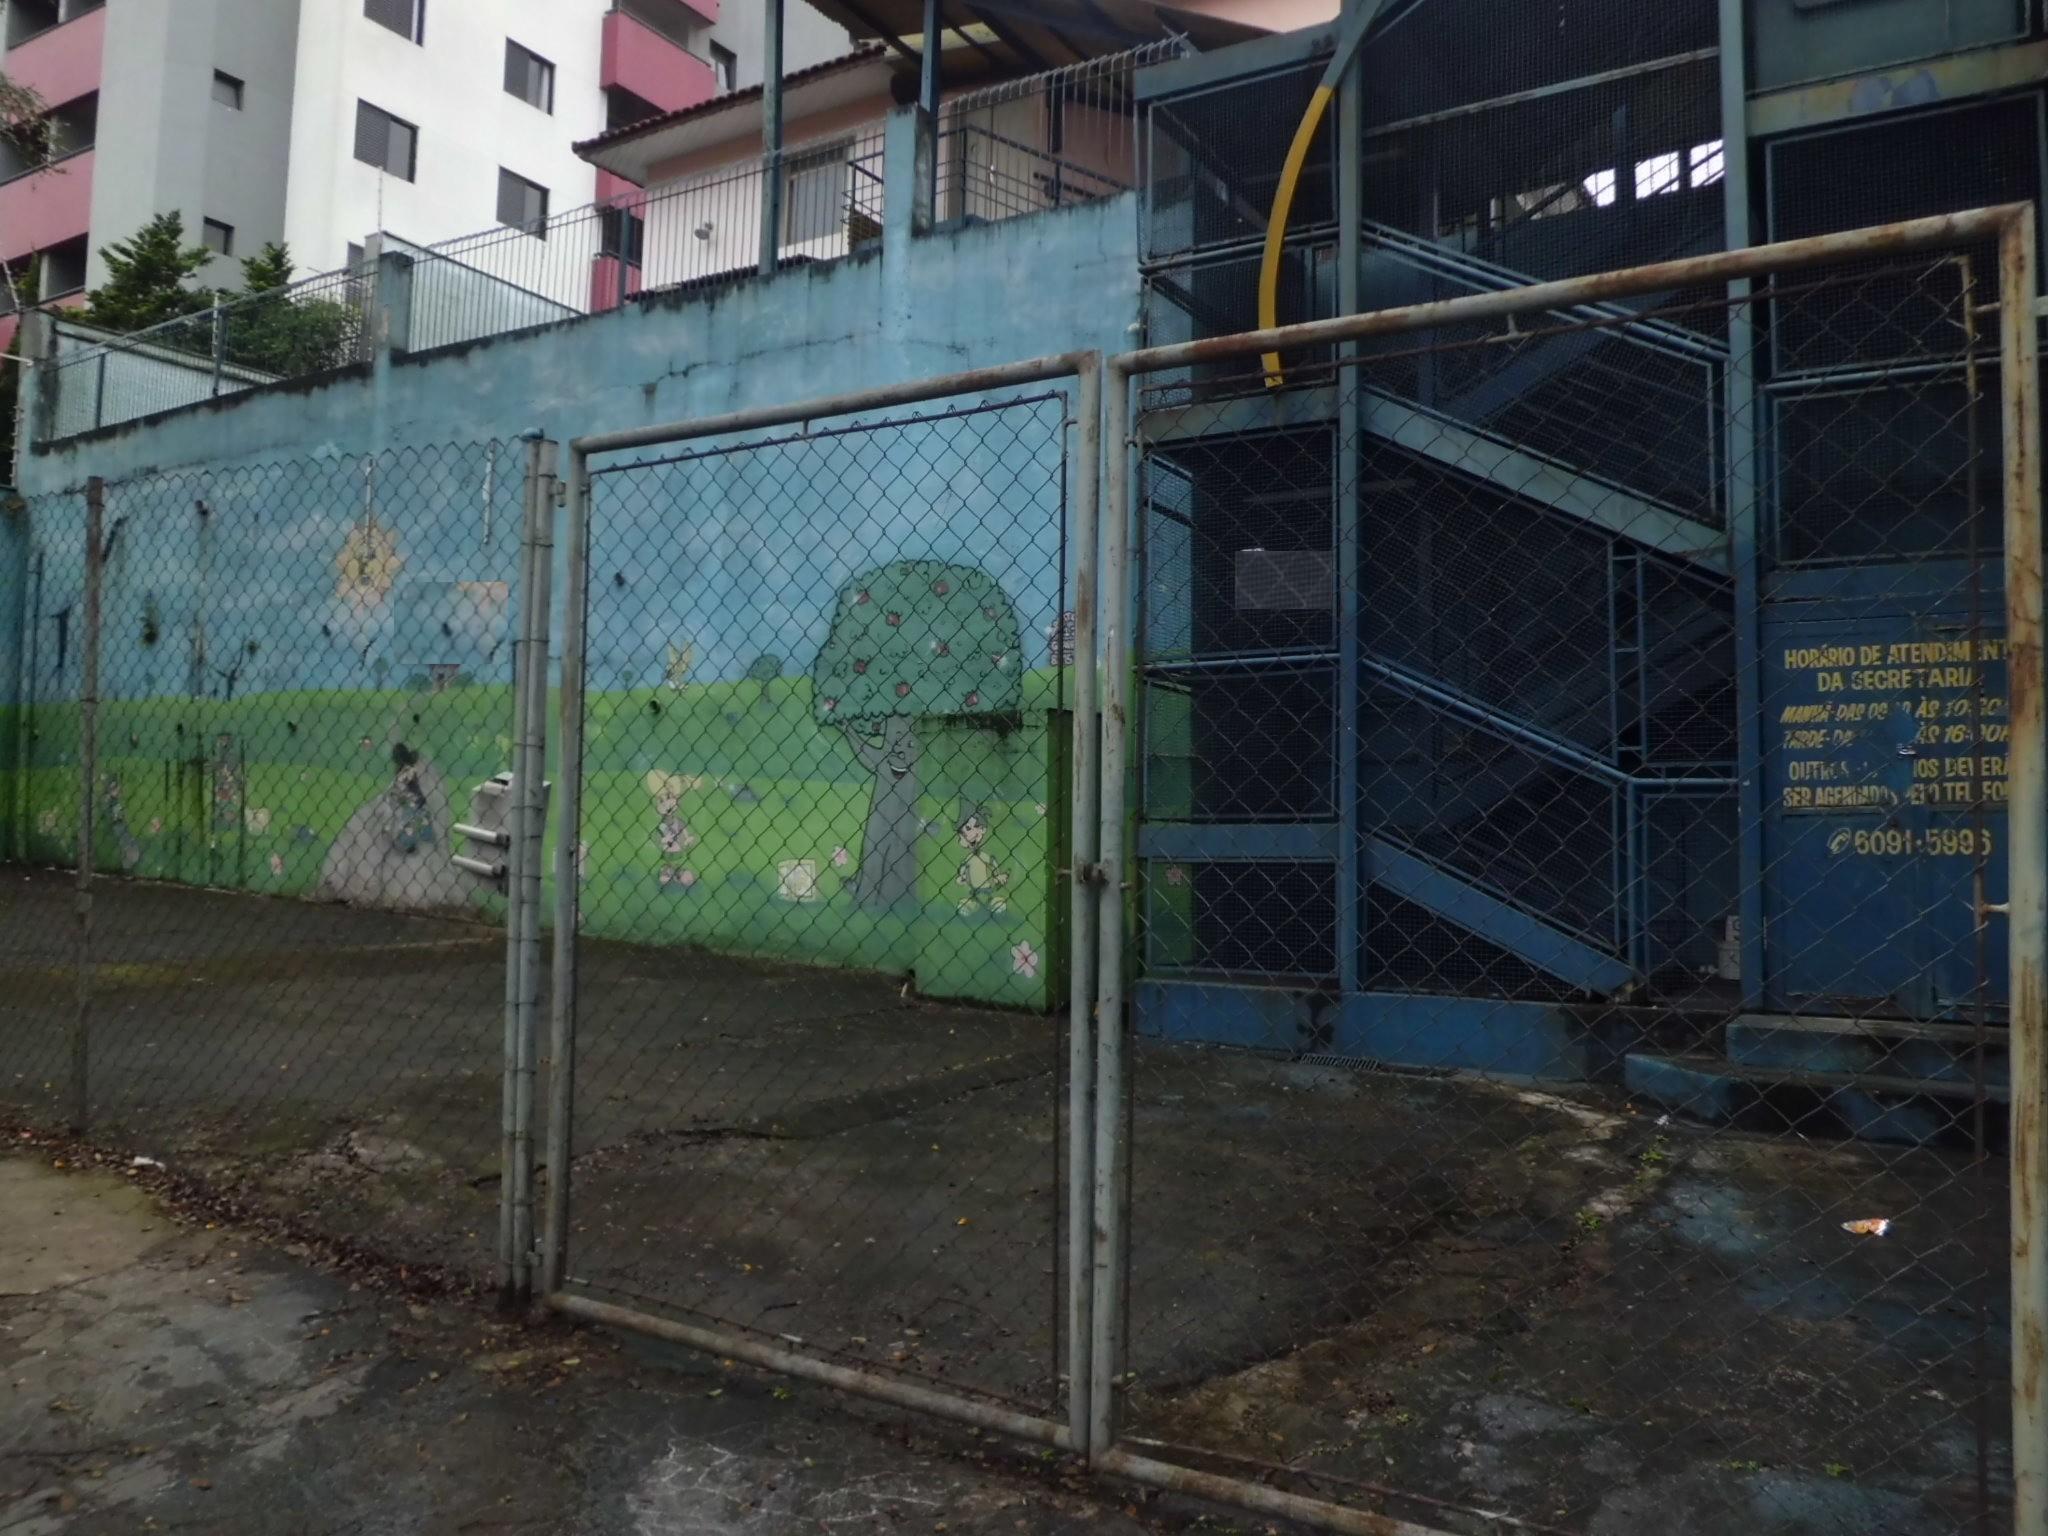 Terreno em Penha, São Paulo - SP